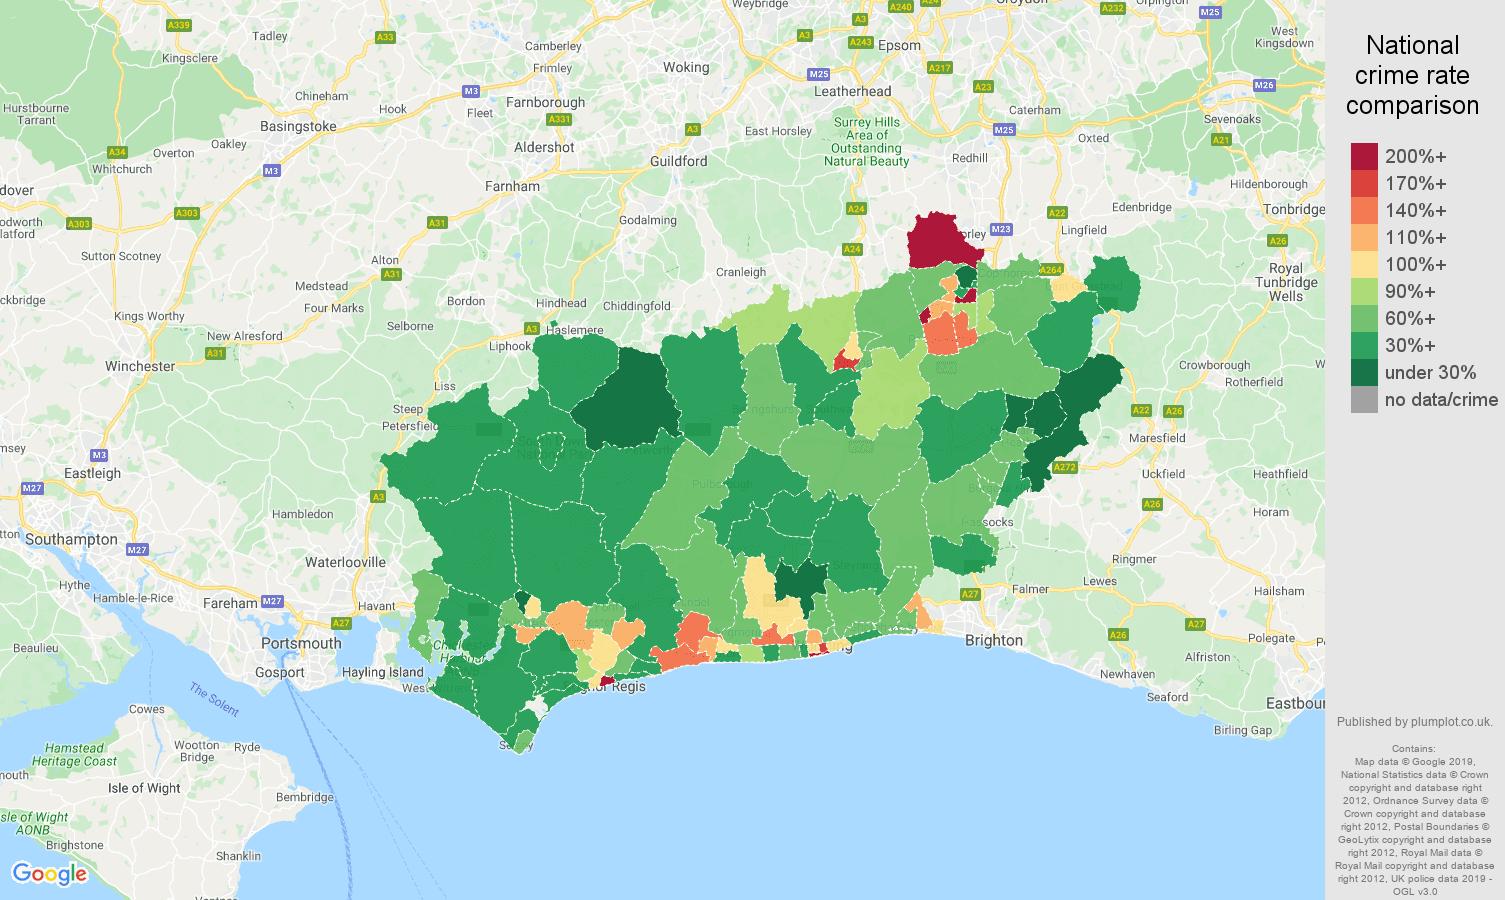 West Sussex public order crime rate comparison map